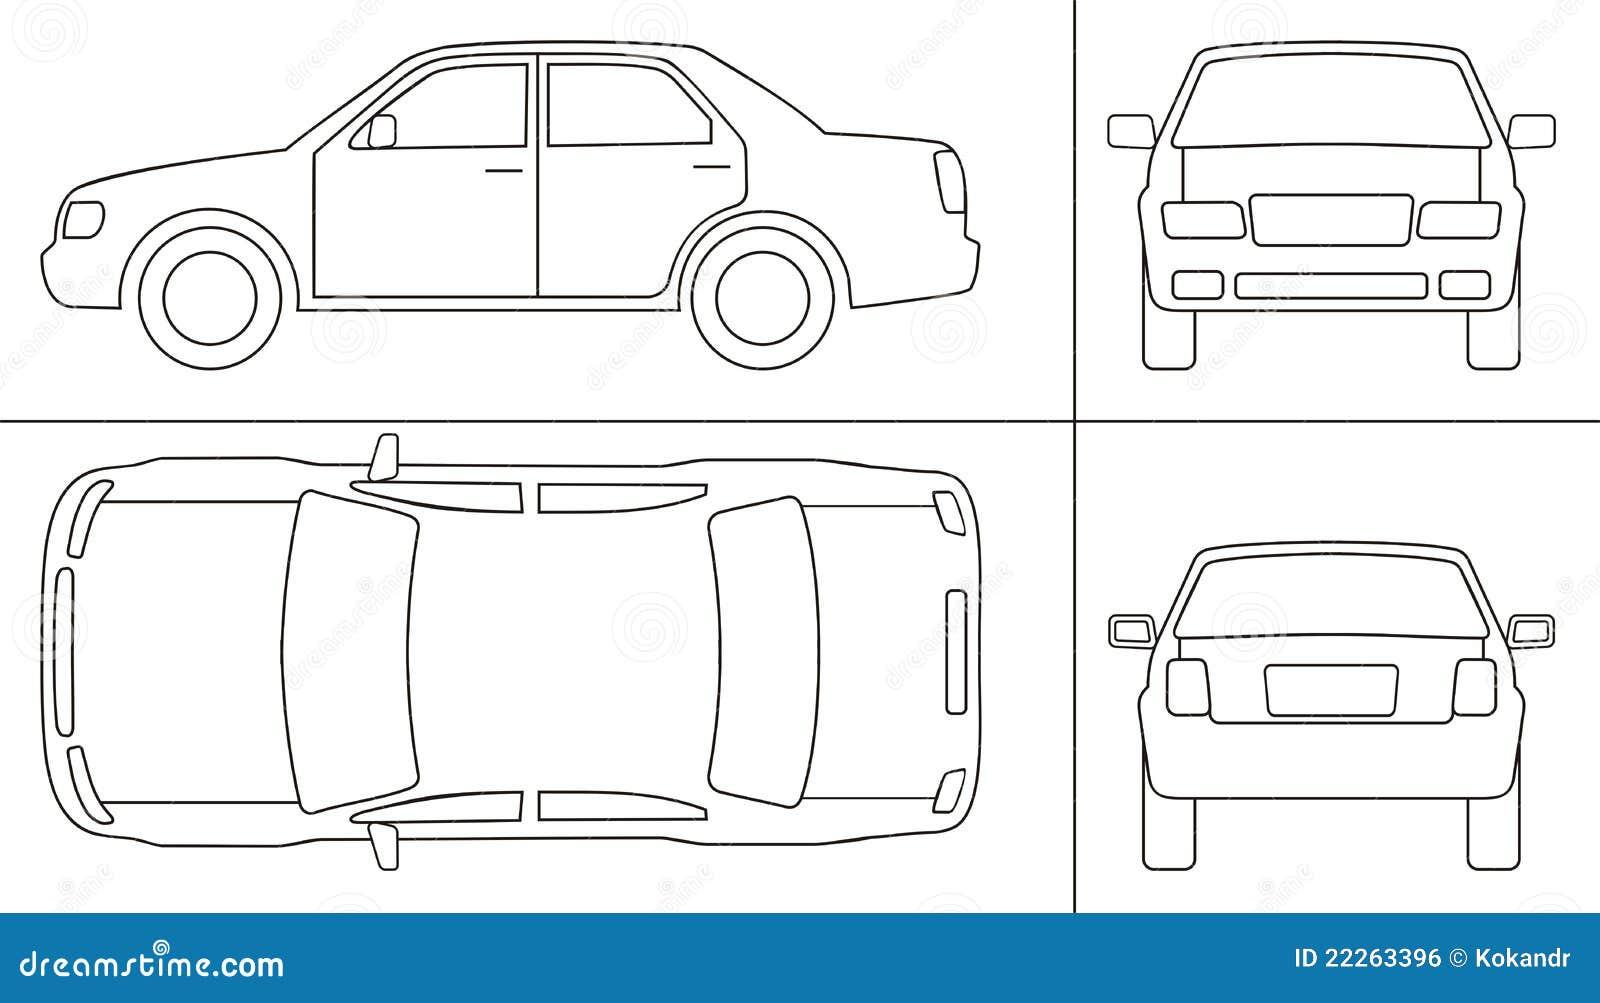 passenger car keyline stock vector illustration of rear. Black Bedroom Furniture Sets. Home Design Ideas